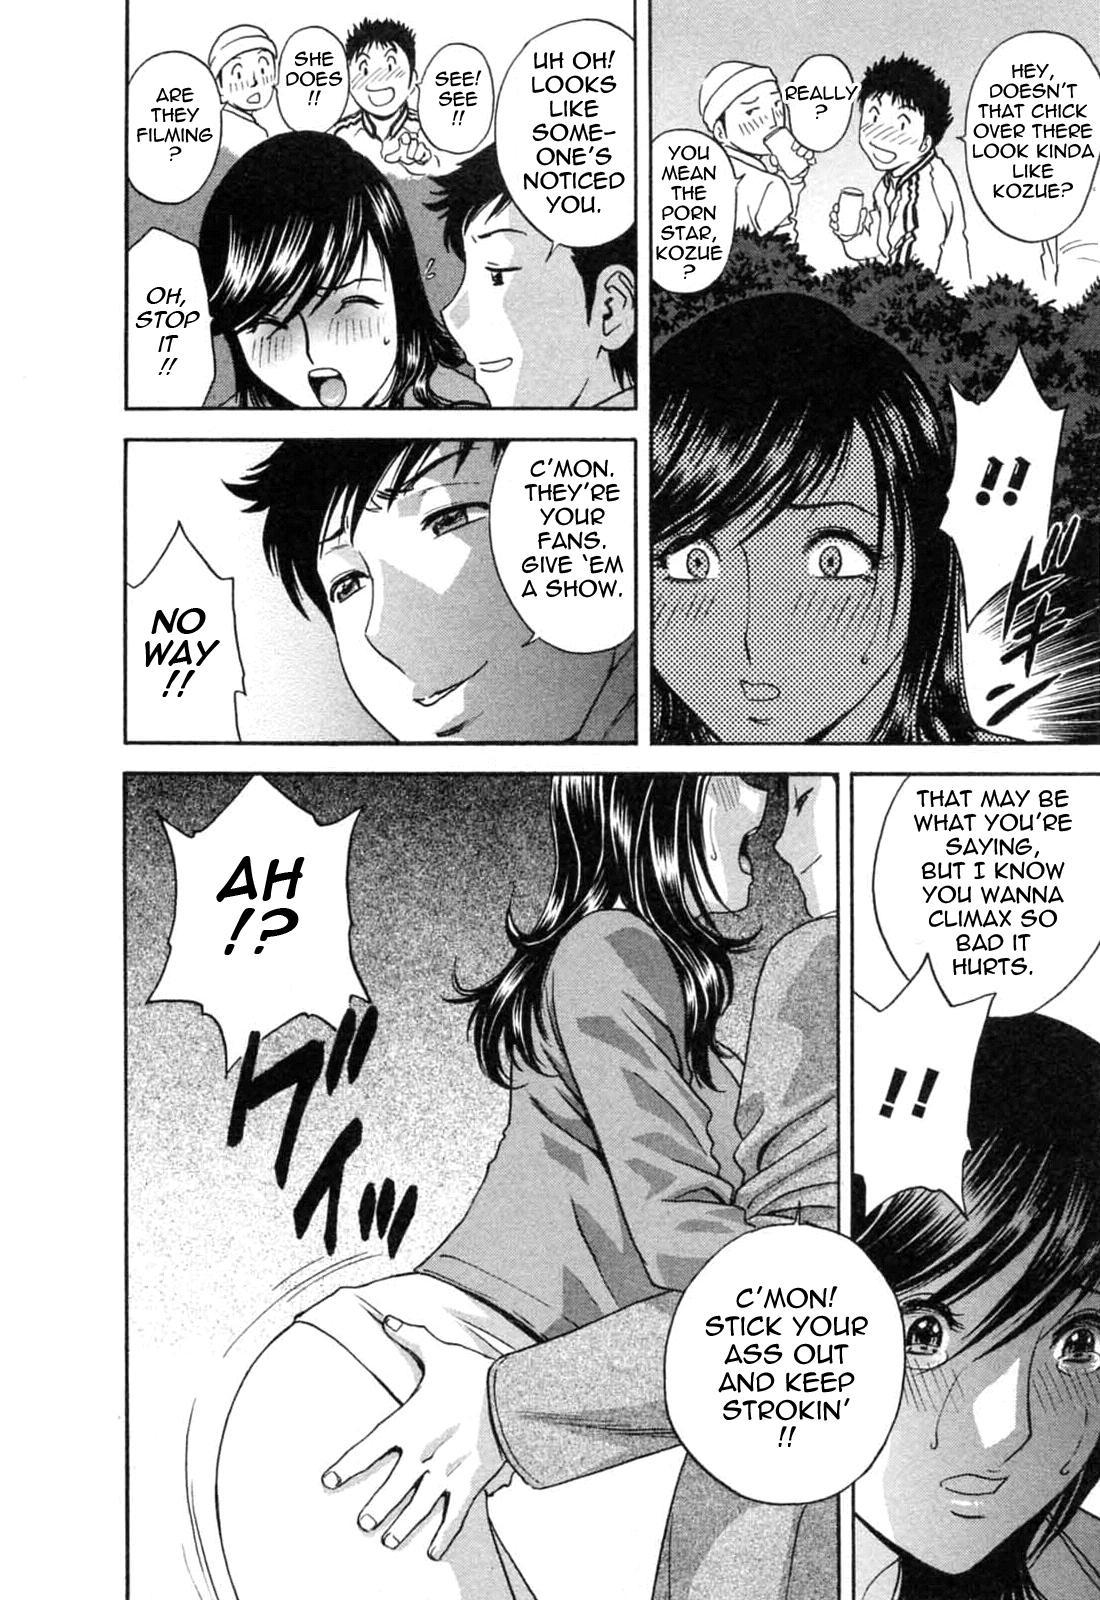 [Hidemaru] Mo-Retsu! Boin Sensei (Boing Boing Teacher) Vol.5 [English] [4dawgz] [Tadanohito] 63